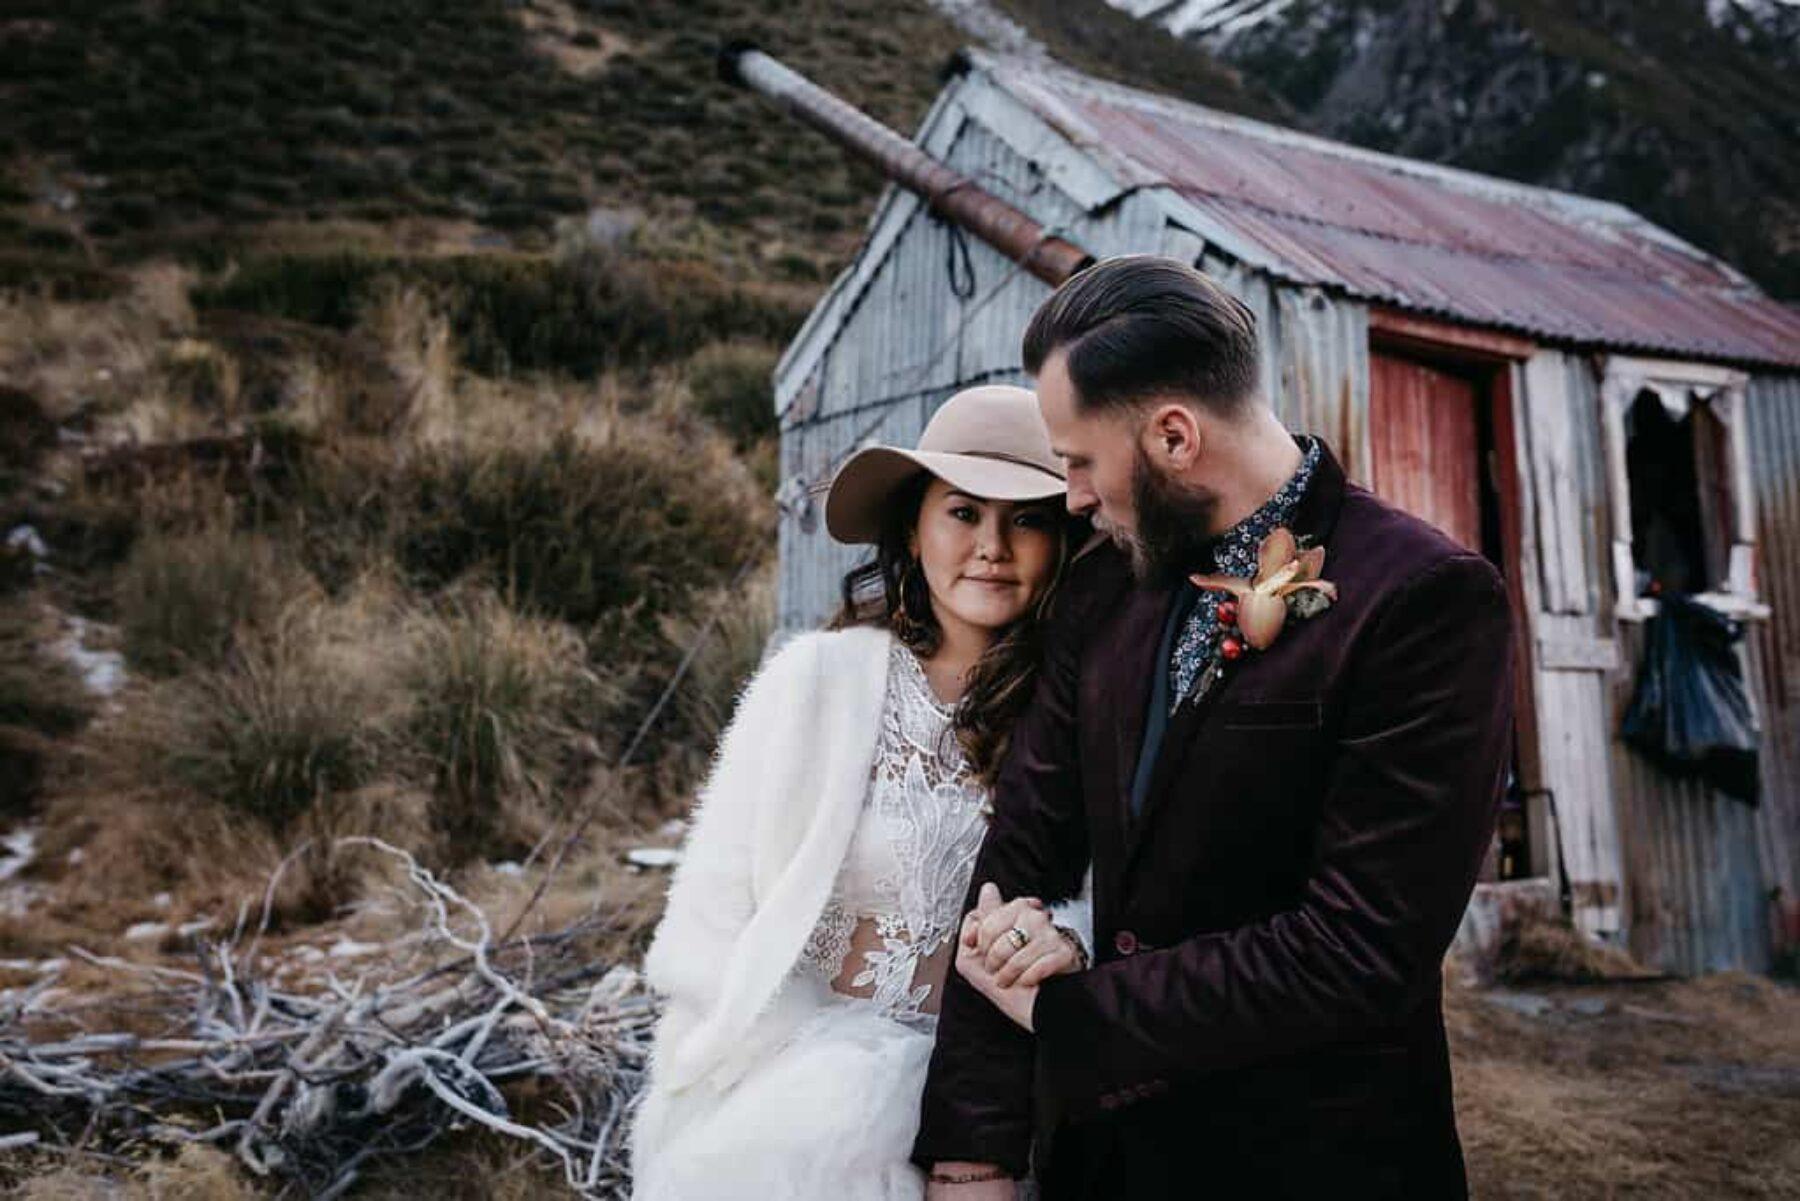 Boho bride in wide brim hat and groom in burgundy suit